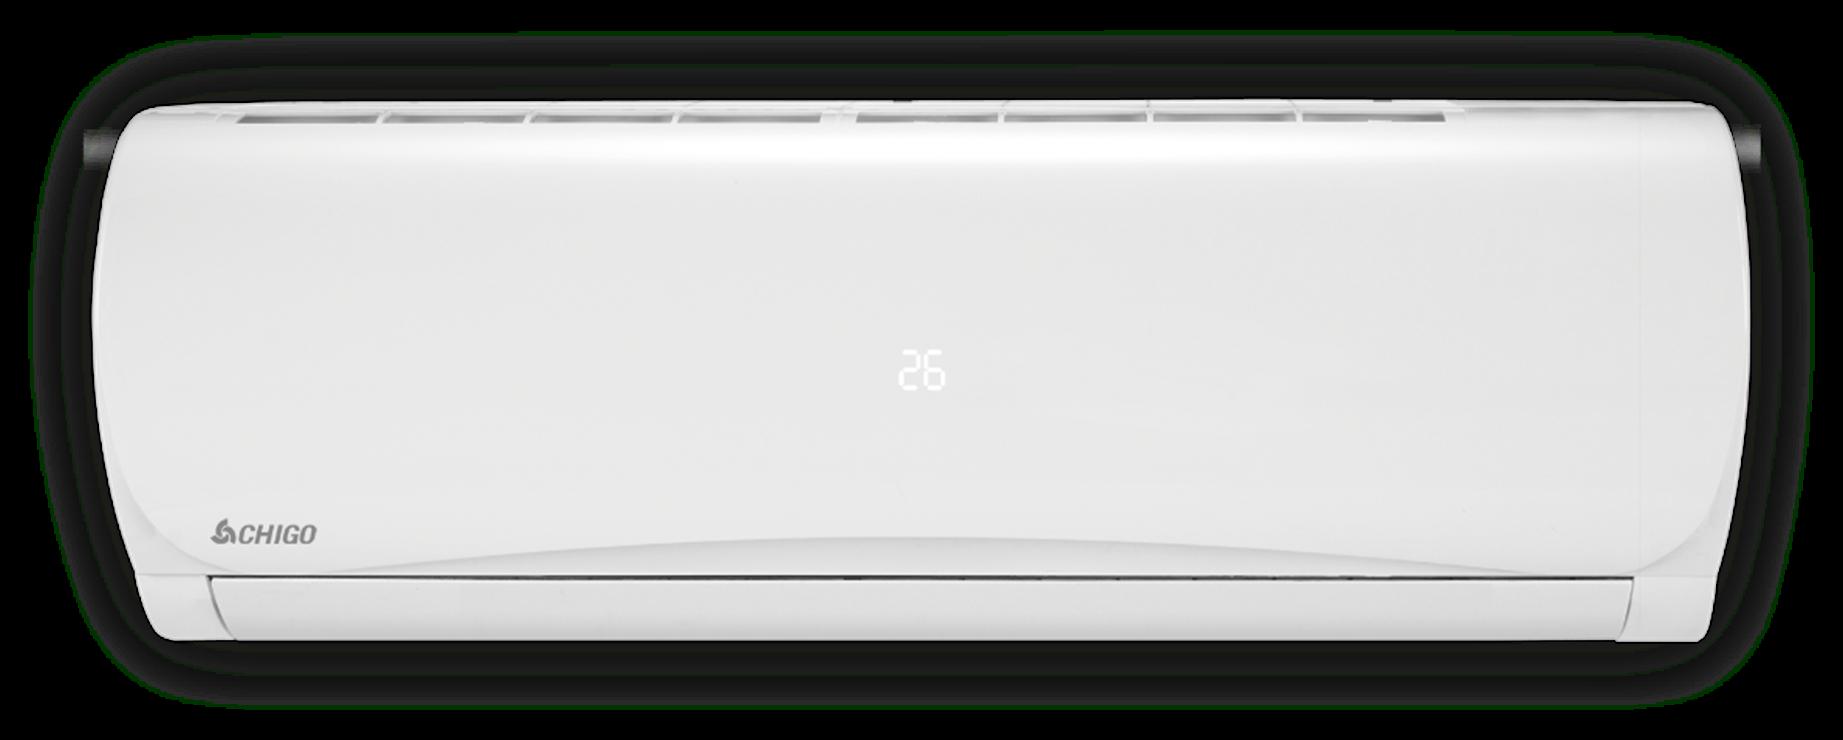 Кондиционер настенный Chigo CS-35H-A20